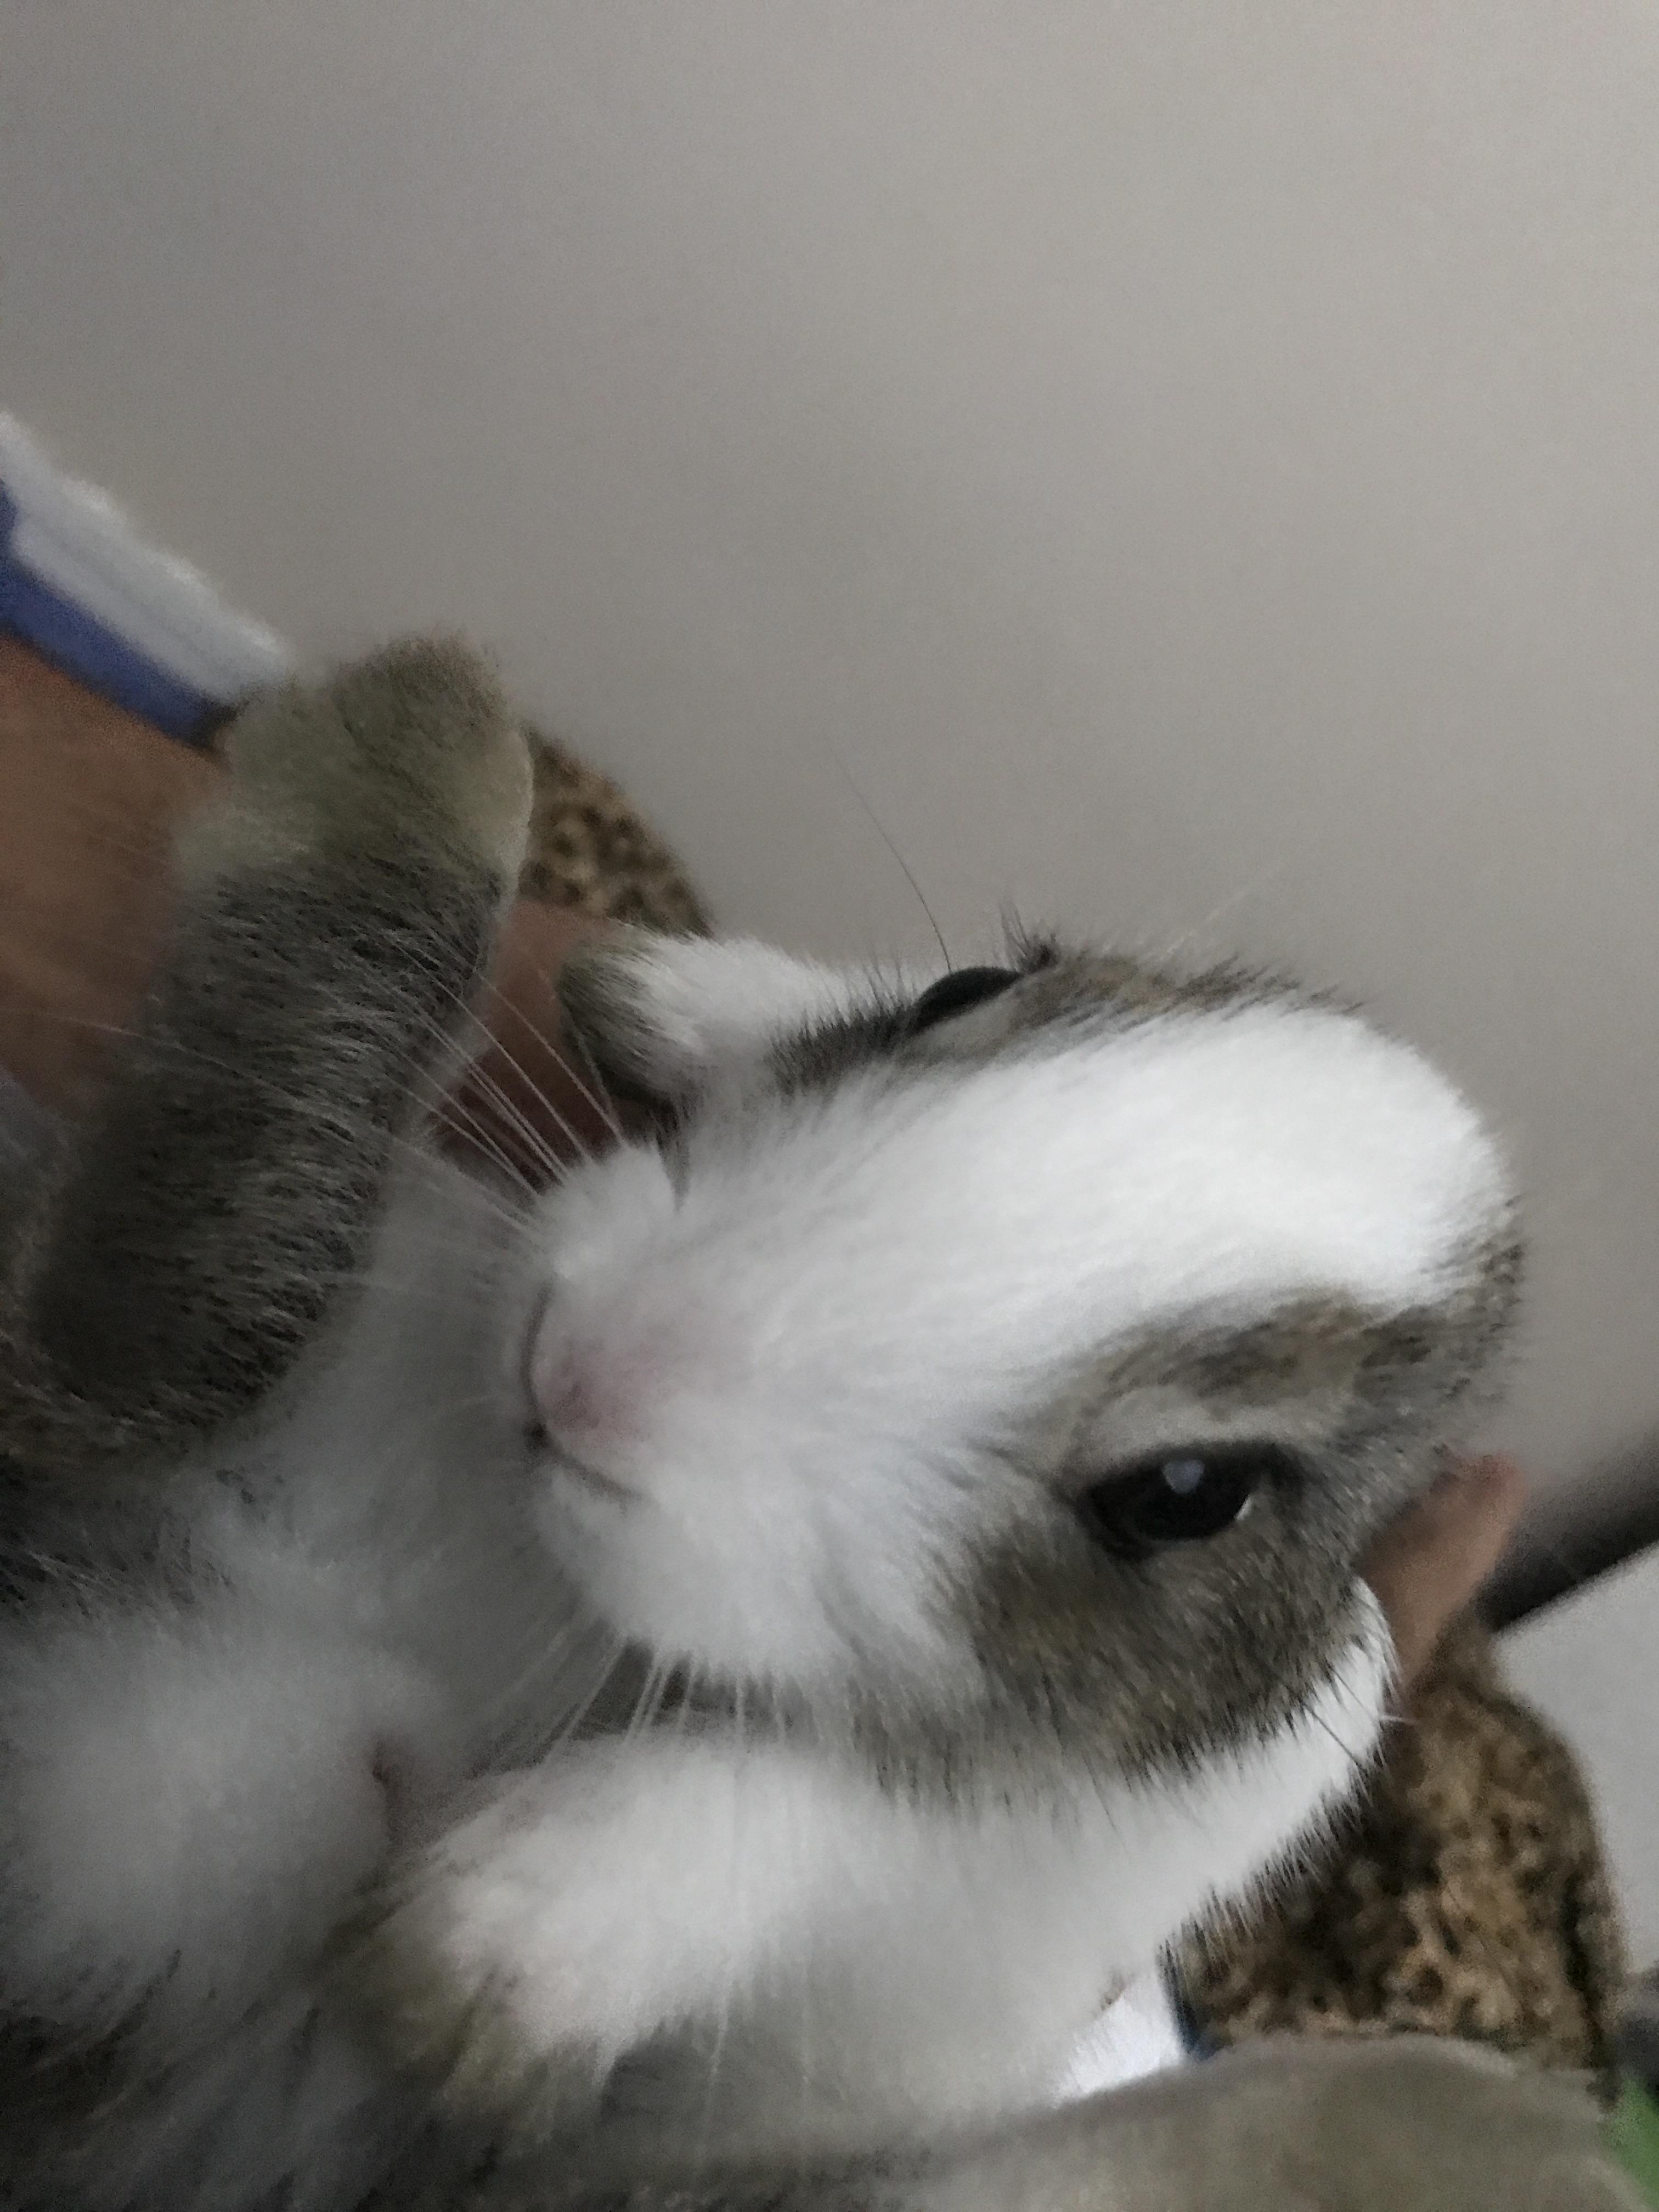 evde tavşan beslemek